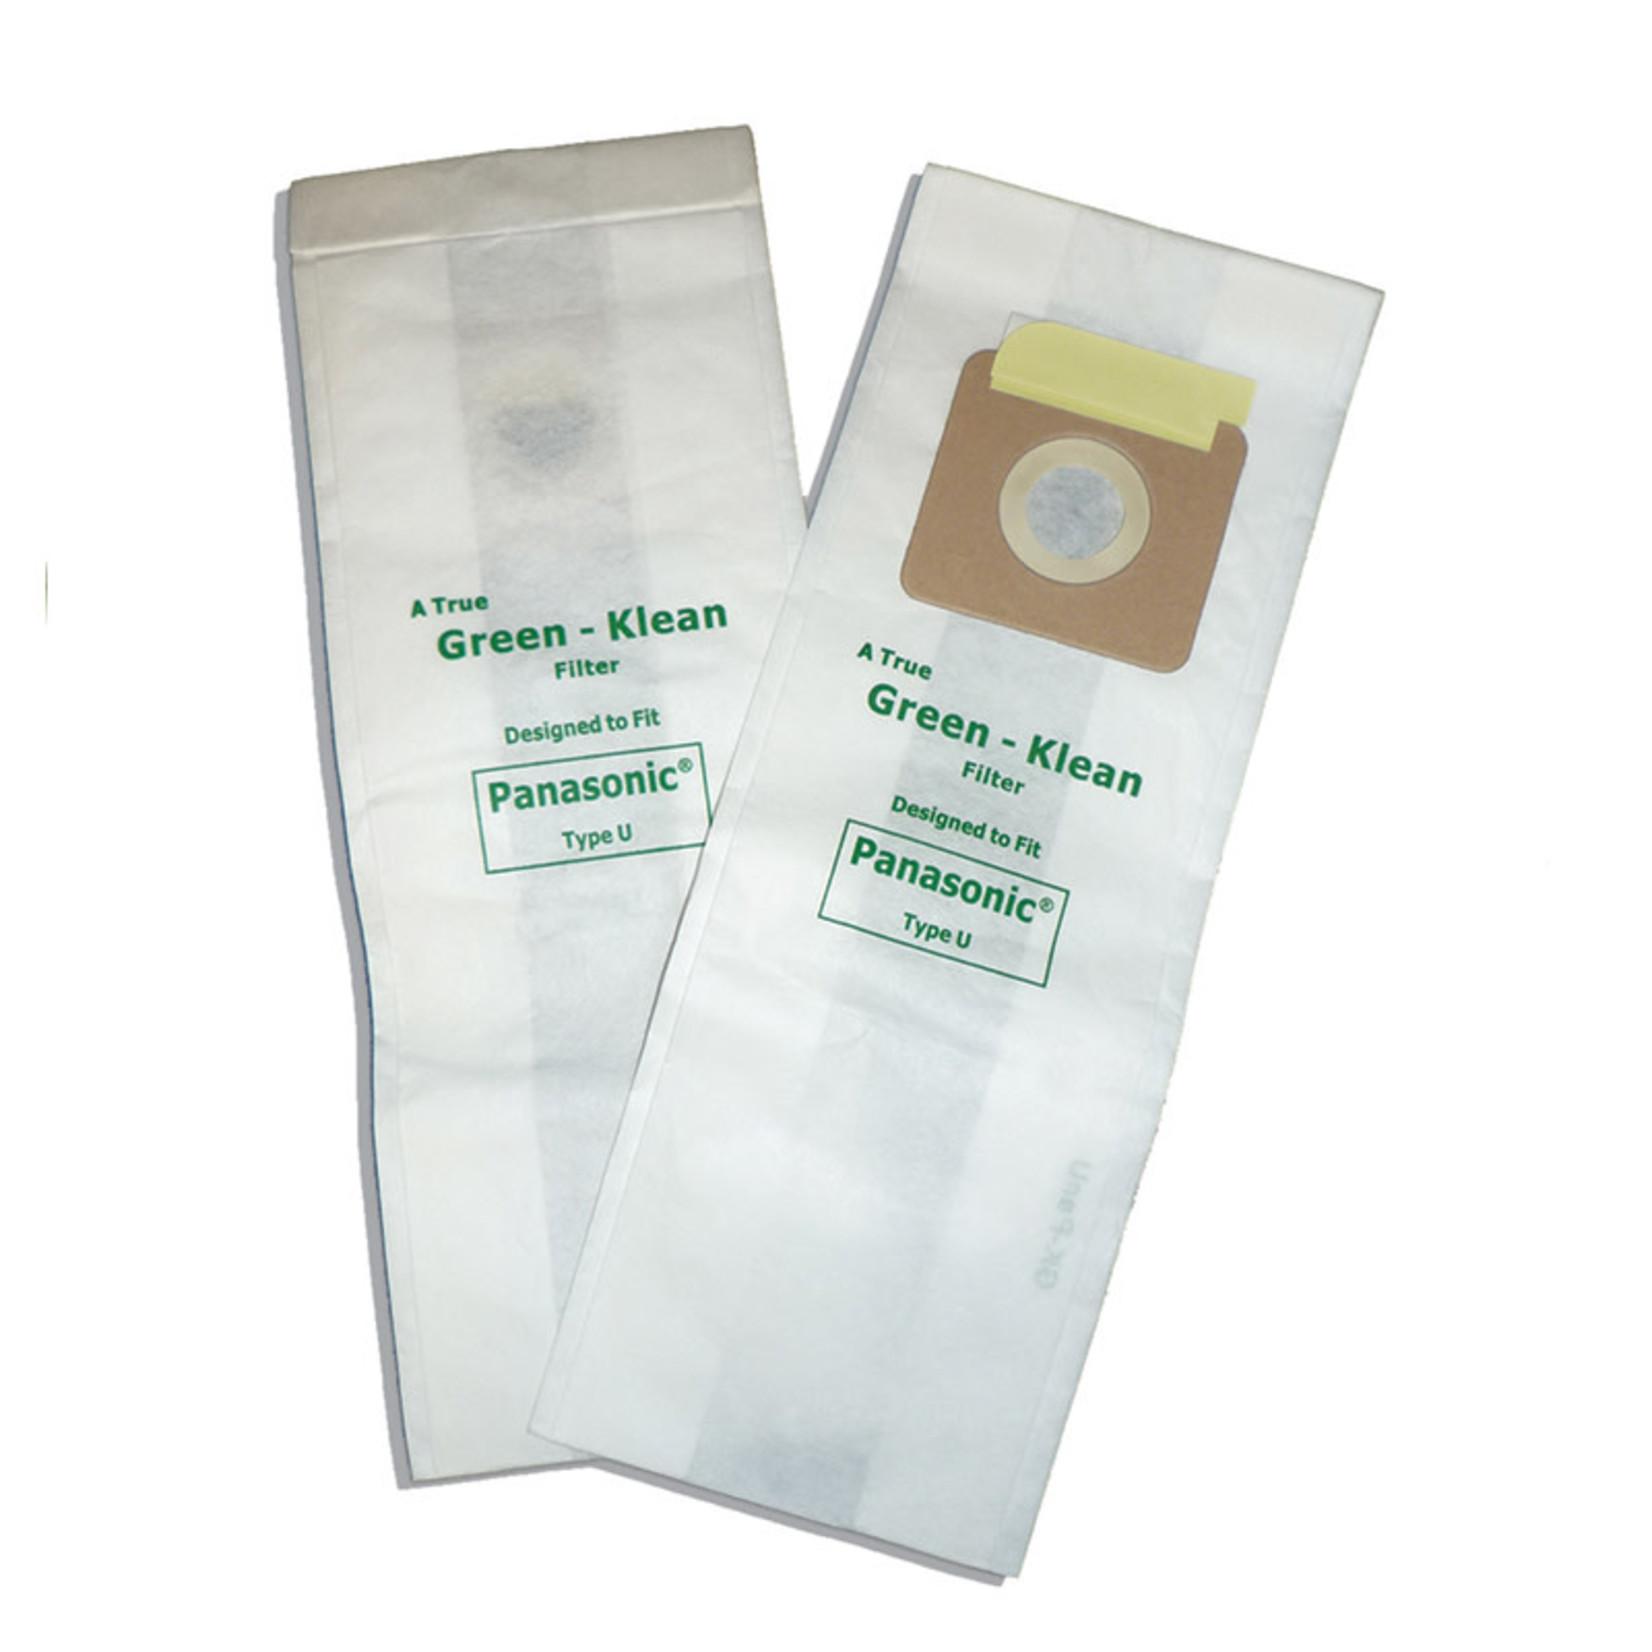 DVC DVC Panasonic Style U, U-3, &U-6 Bags - Single